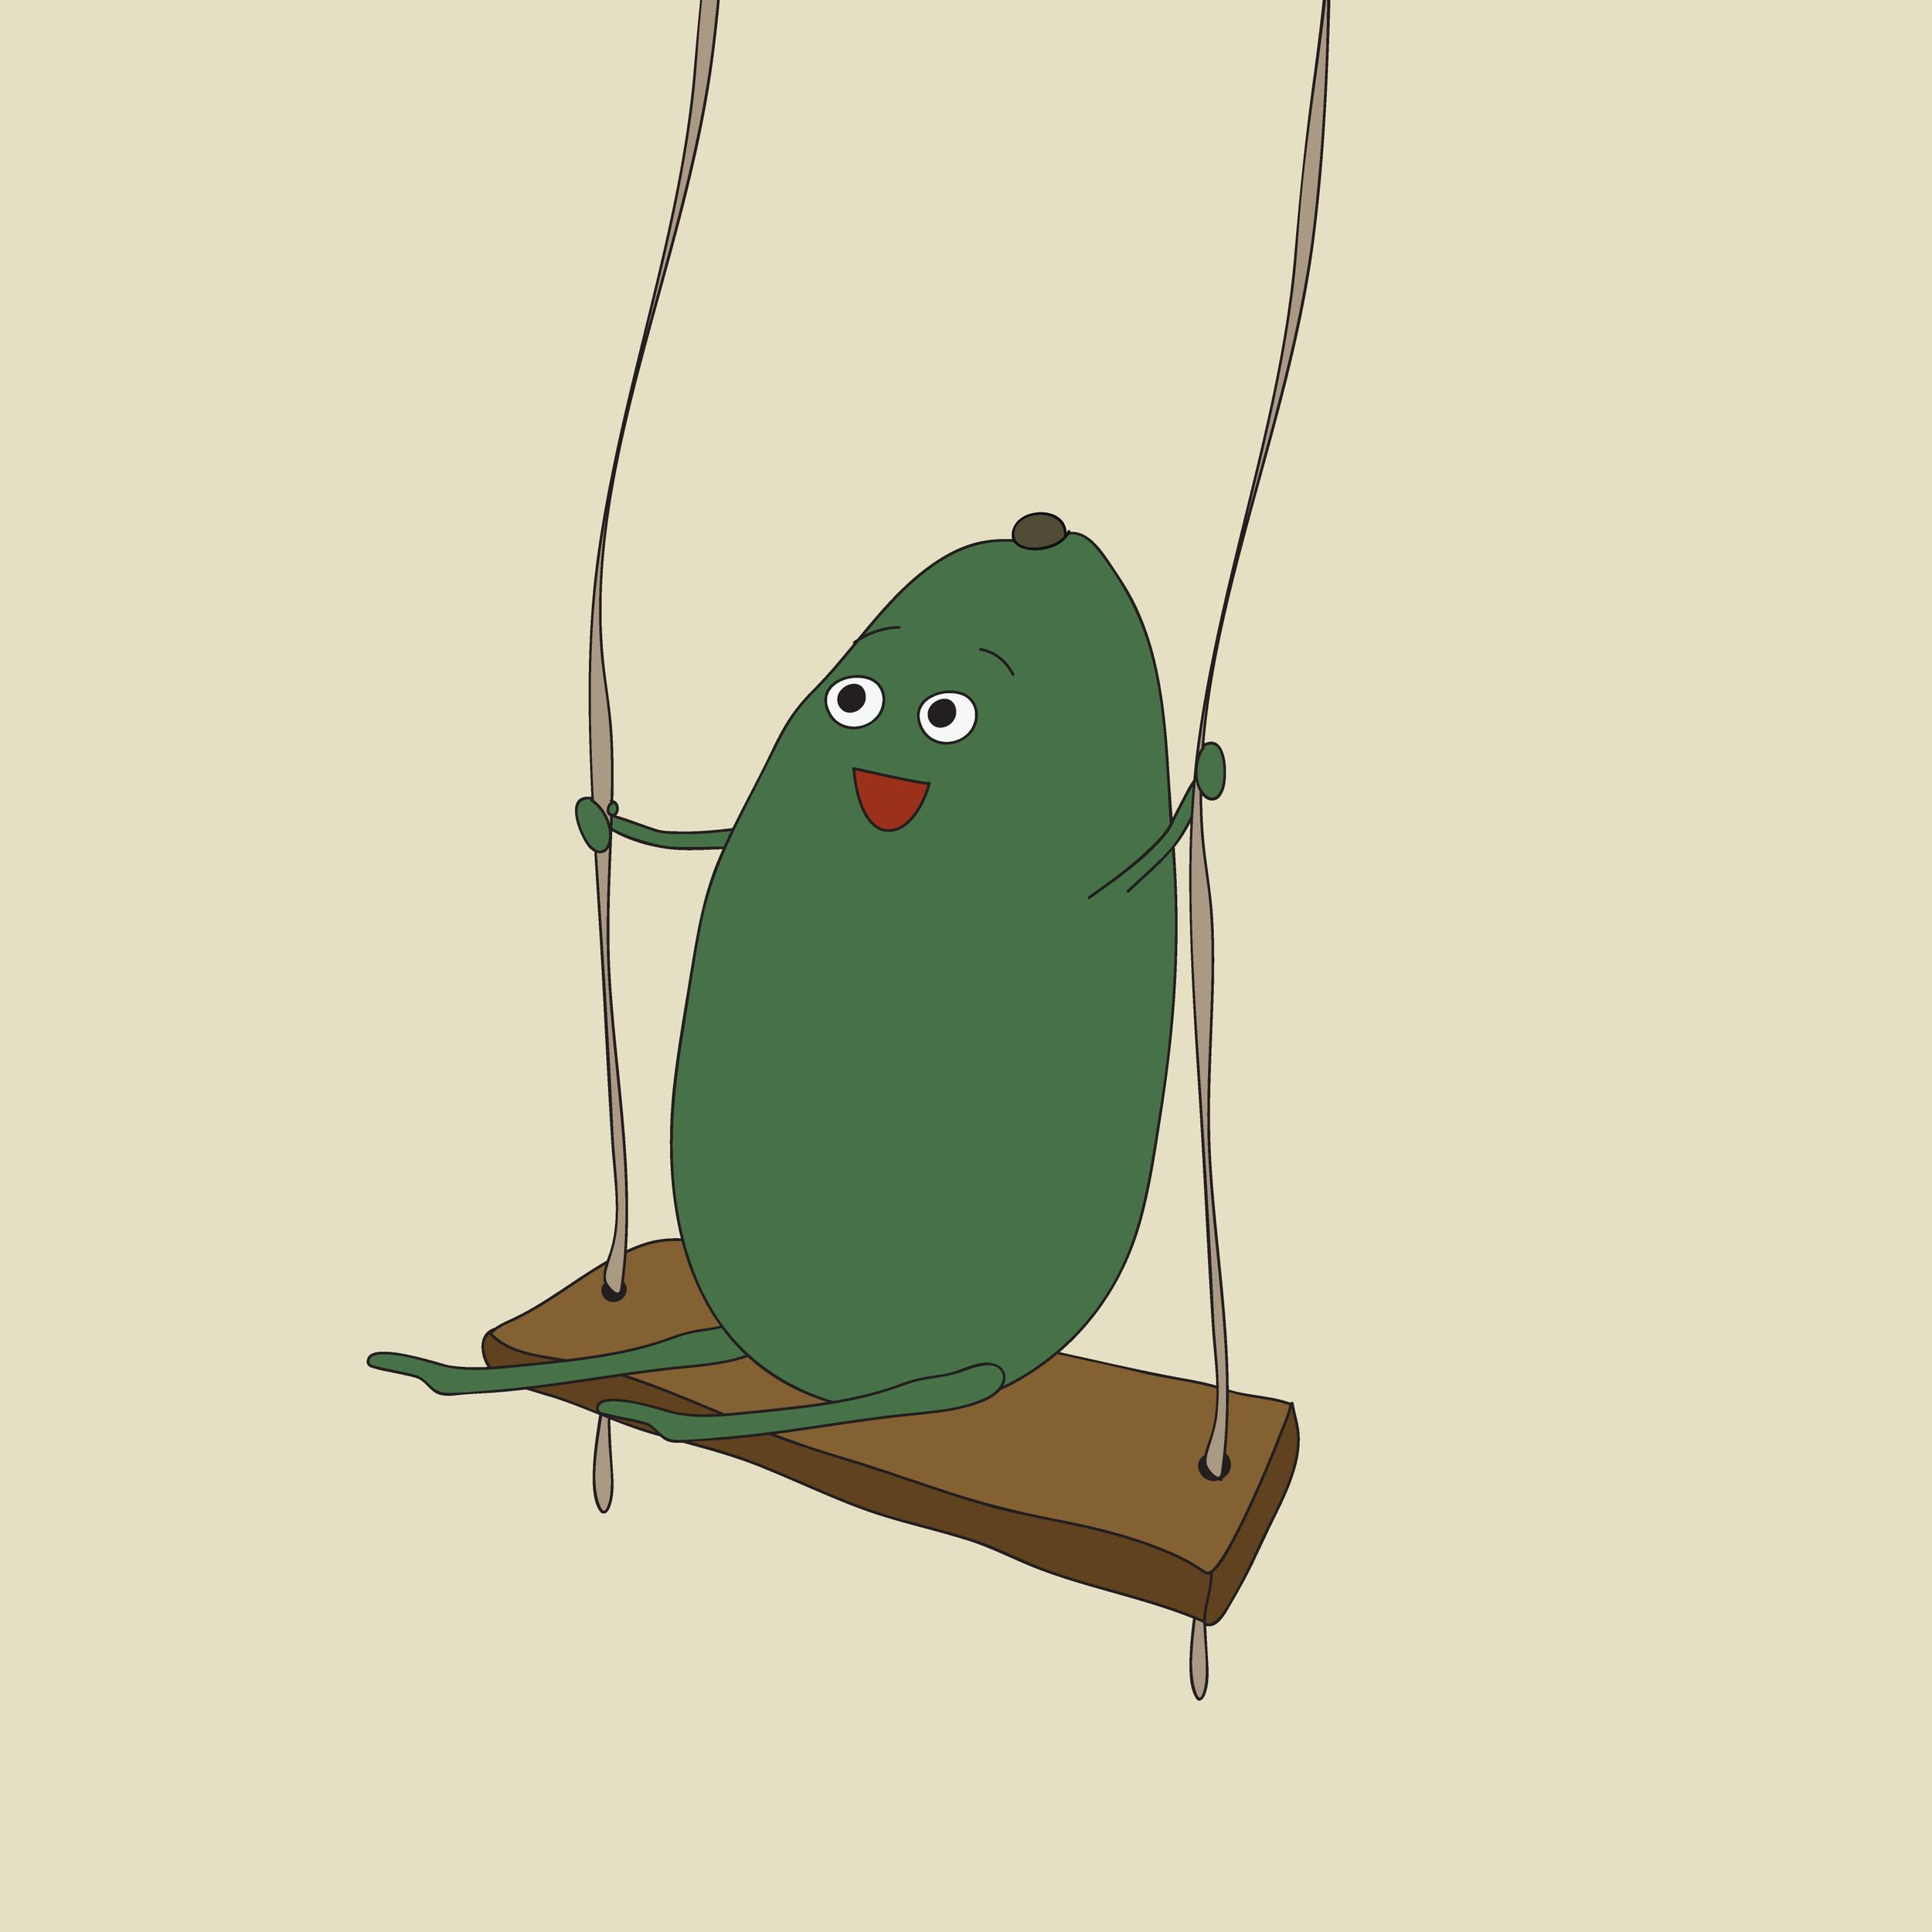 Avocados Swing Both Ways